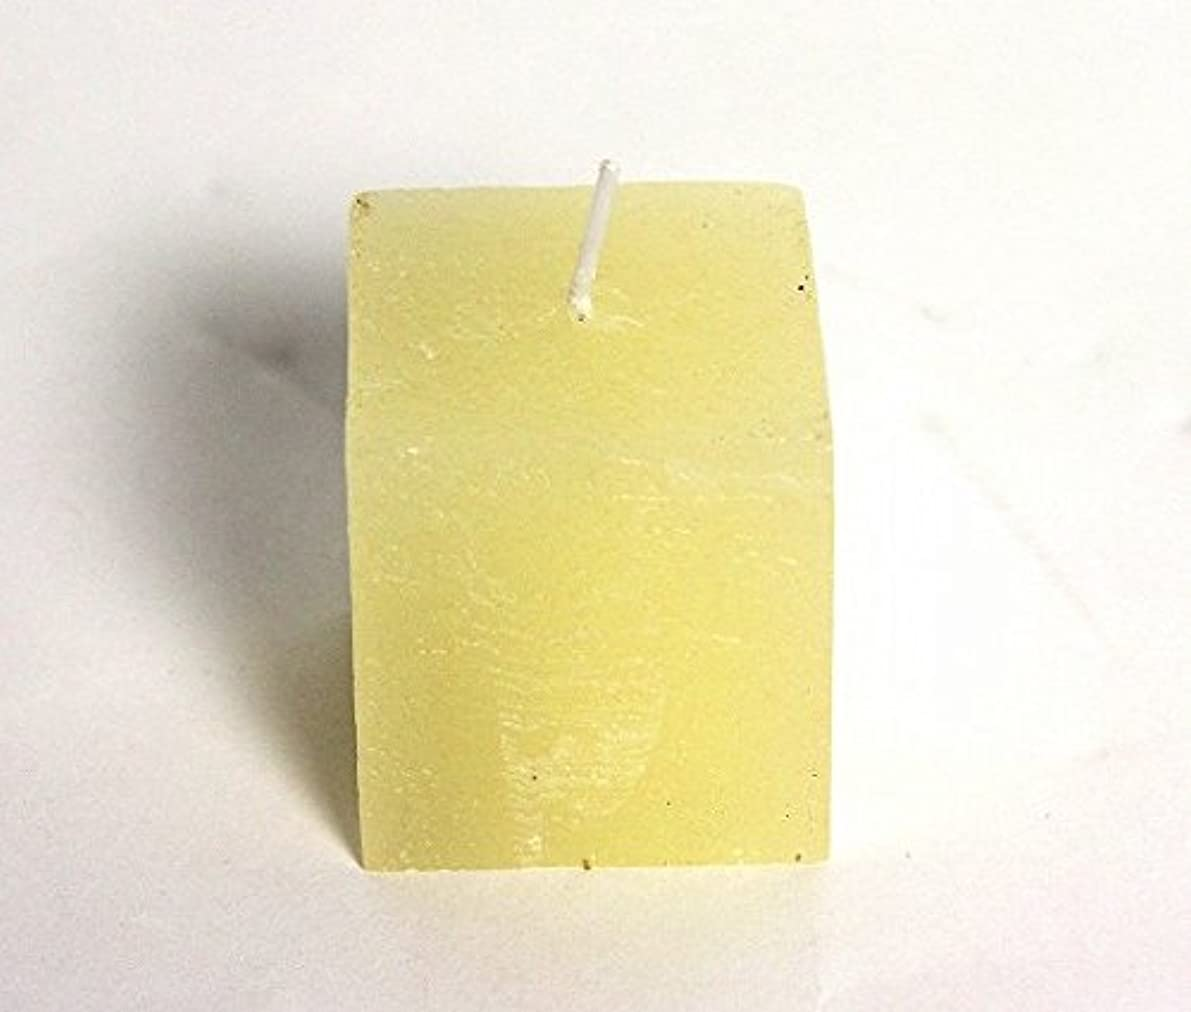 アラバマキャリアうんkameyama candle(カメヤマキャンドル) ラスティクミニキューブ 「 アイボリー 」(A4921000IV)